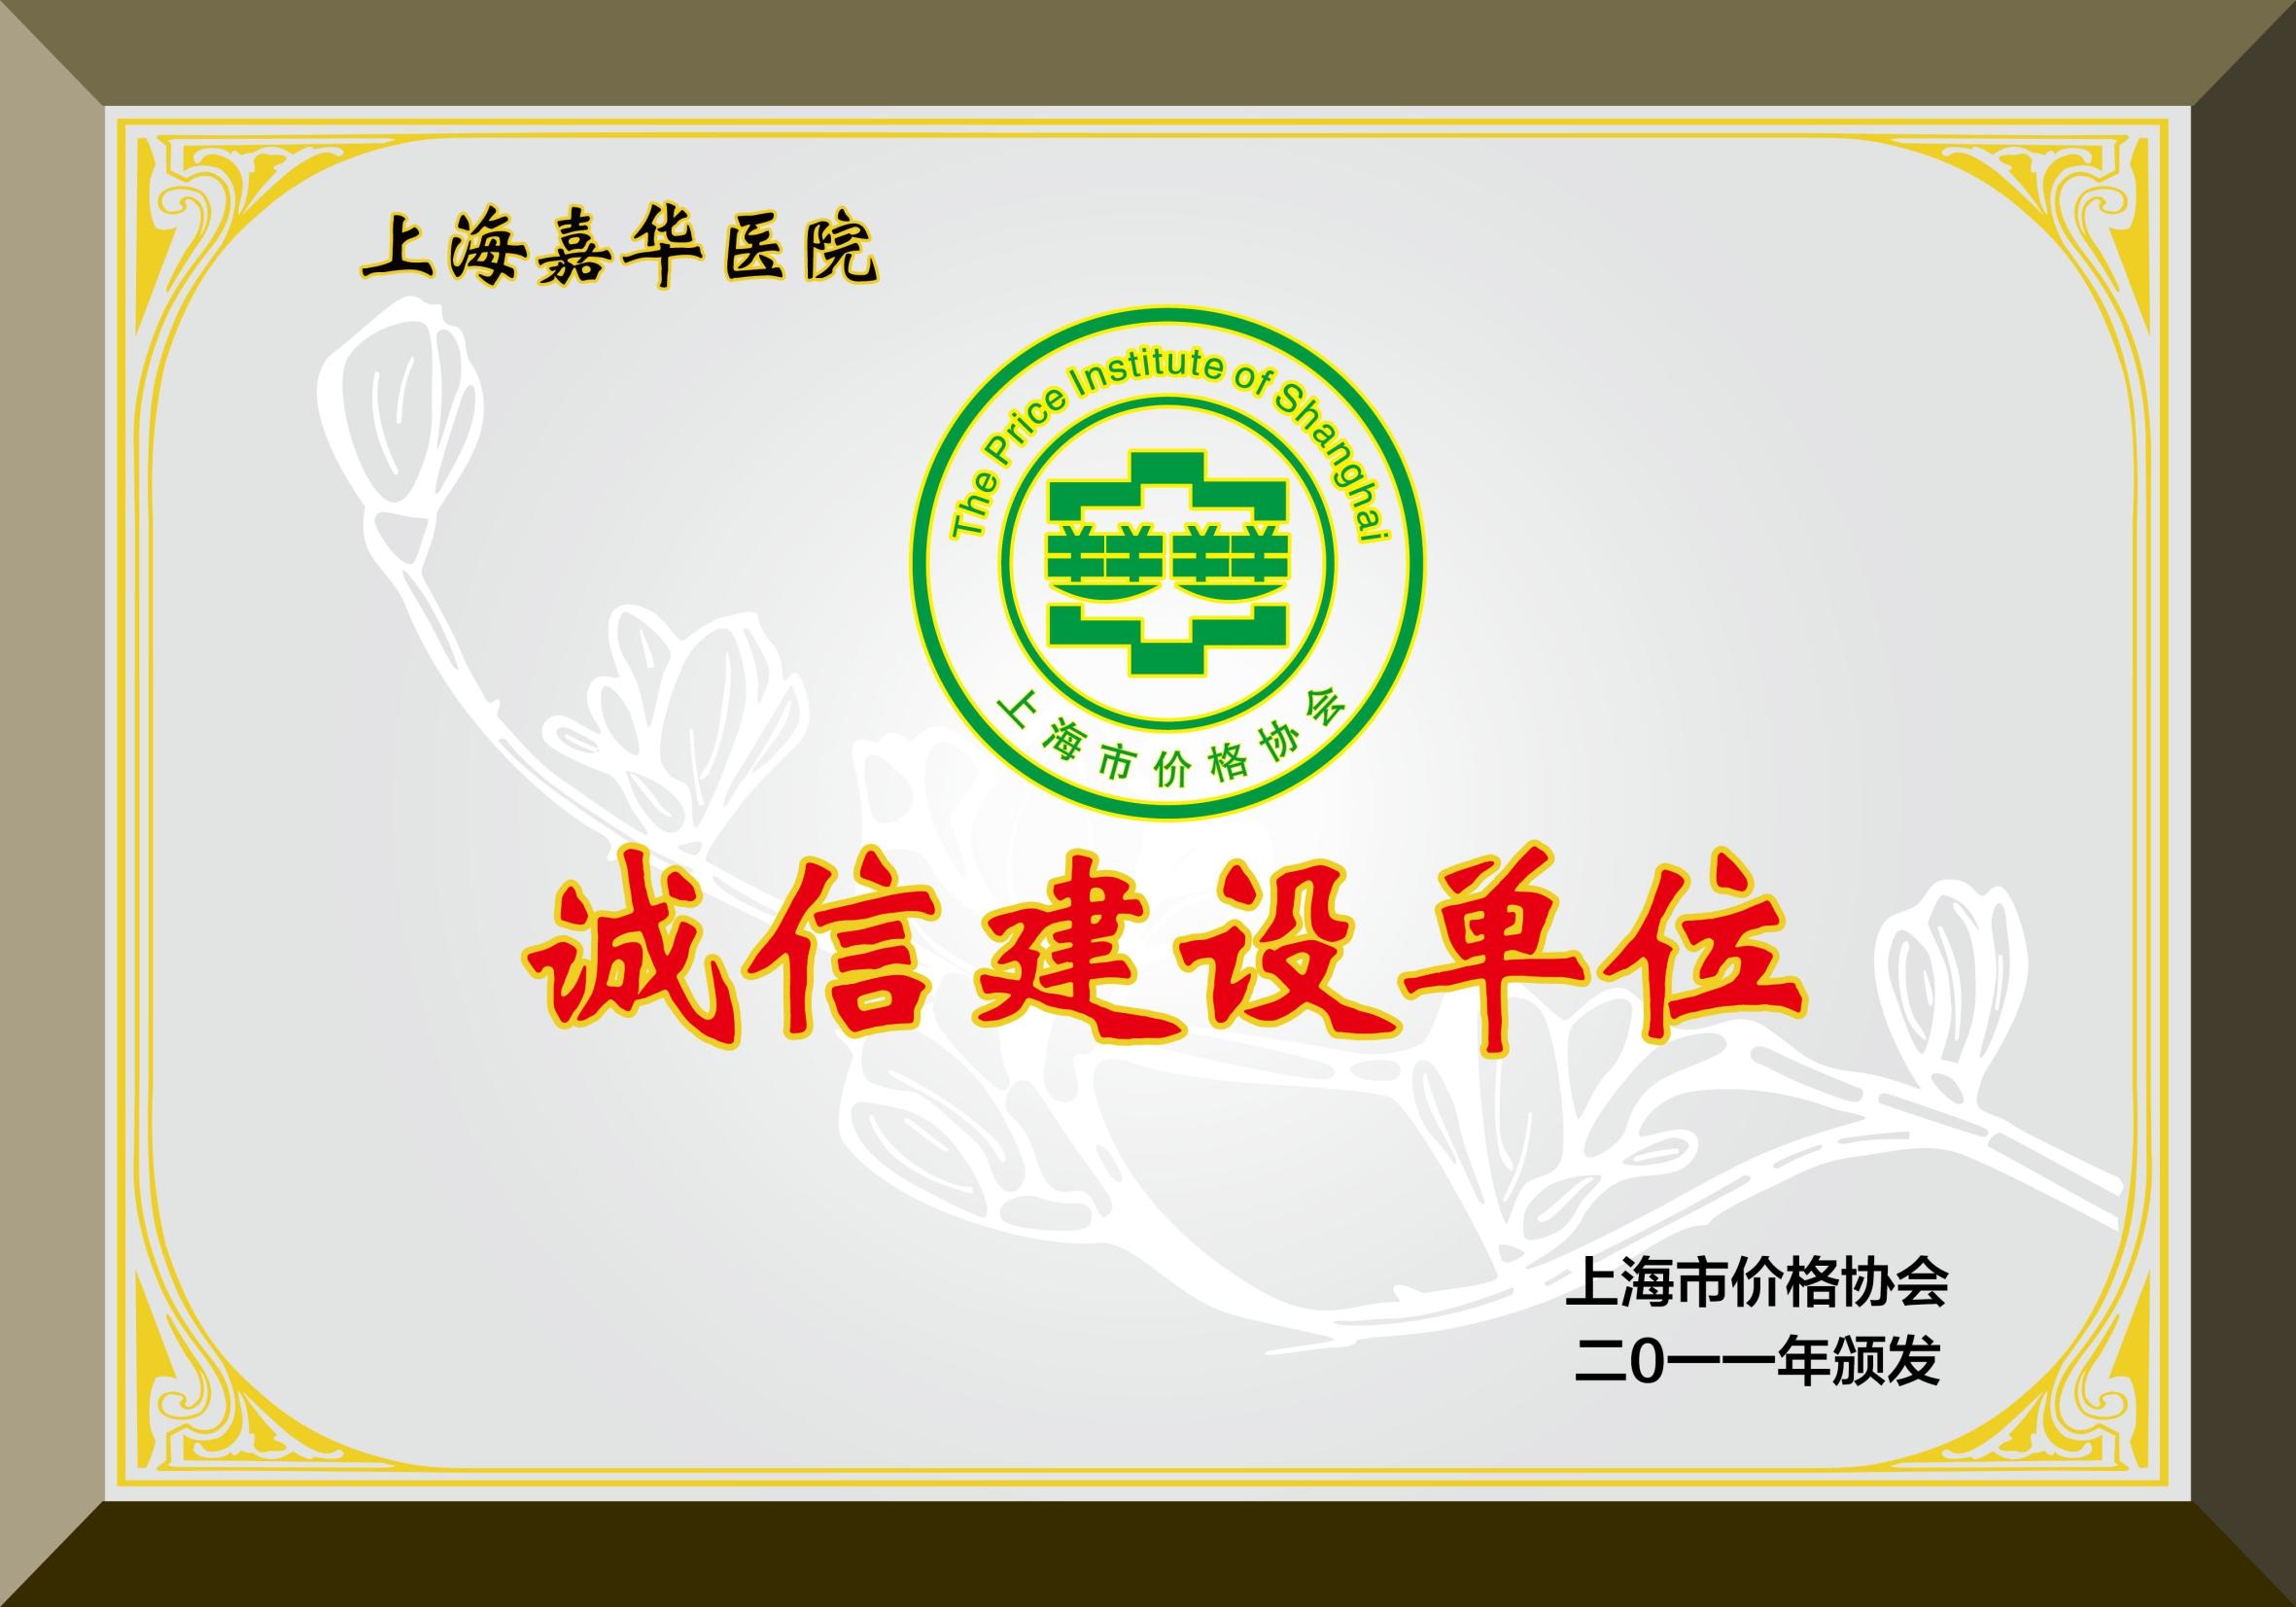 上海市价格诚信建设单位/嘉定区计量诚信示范单位